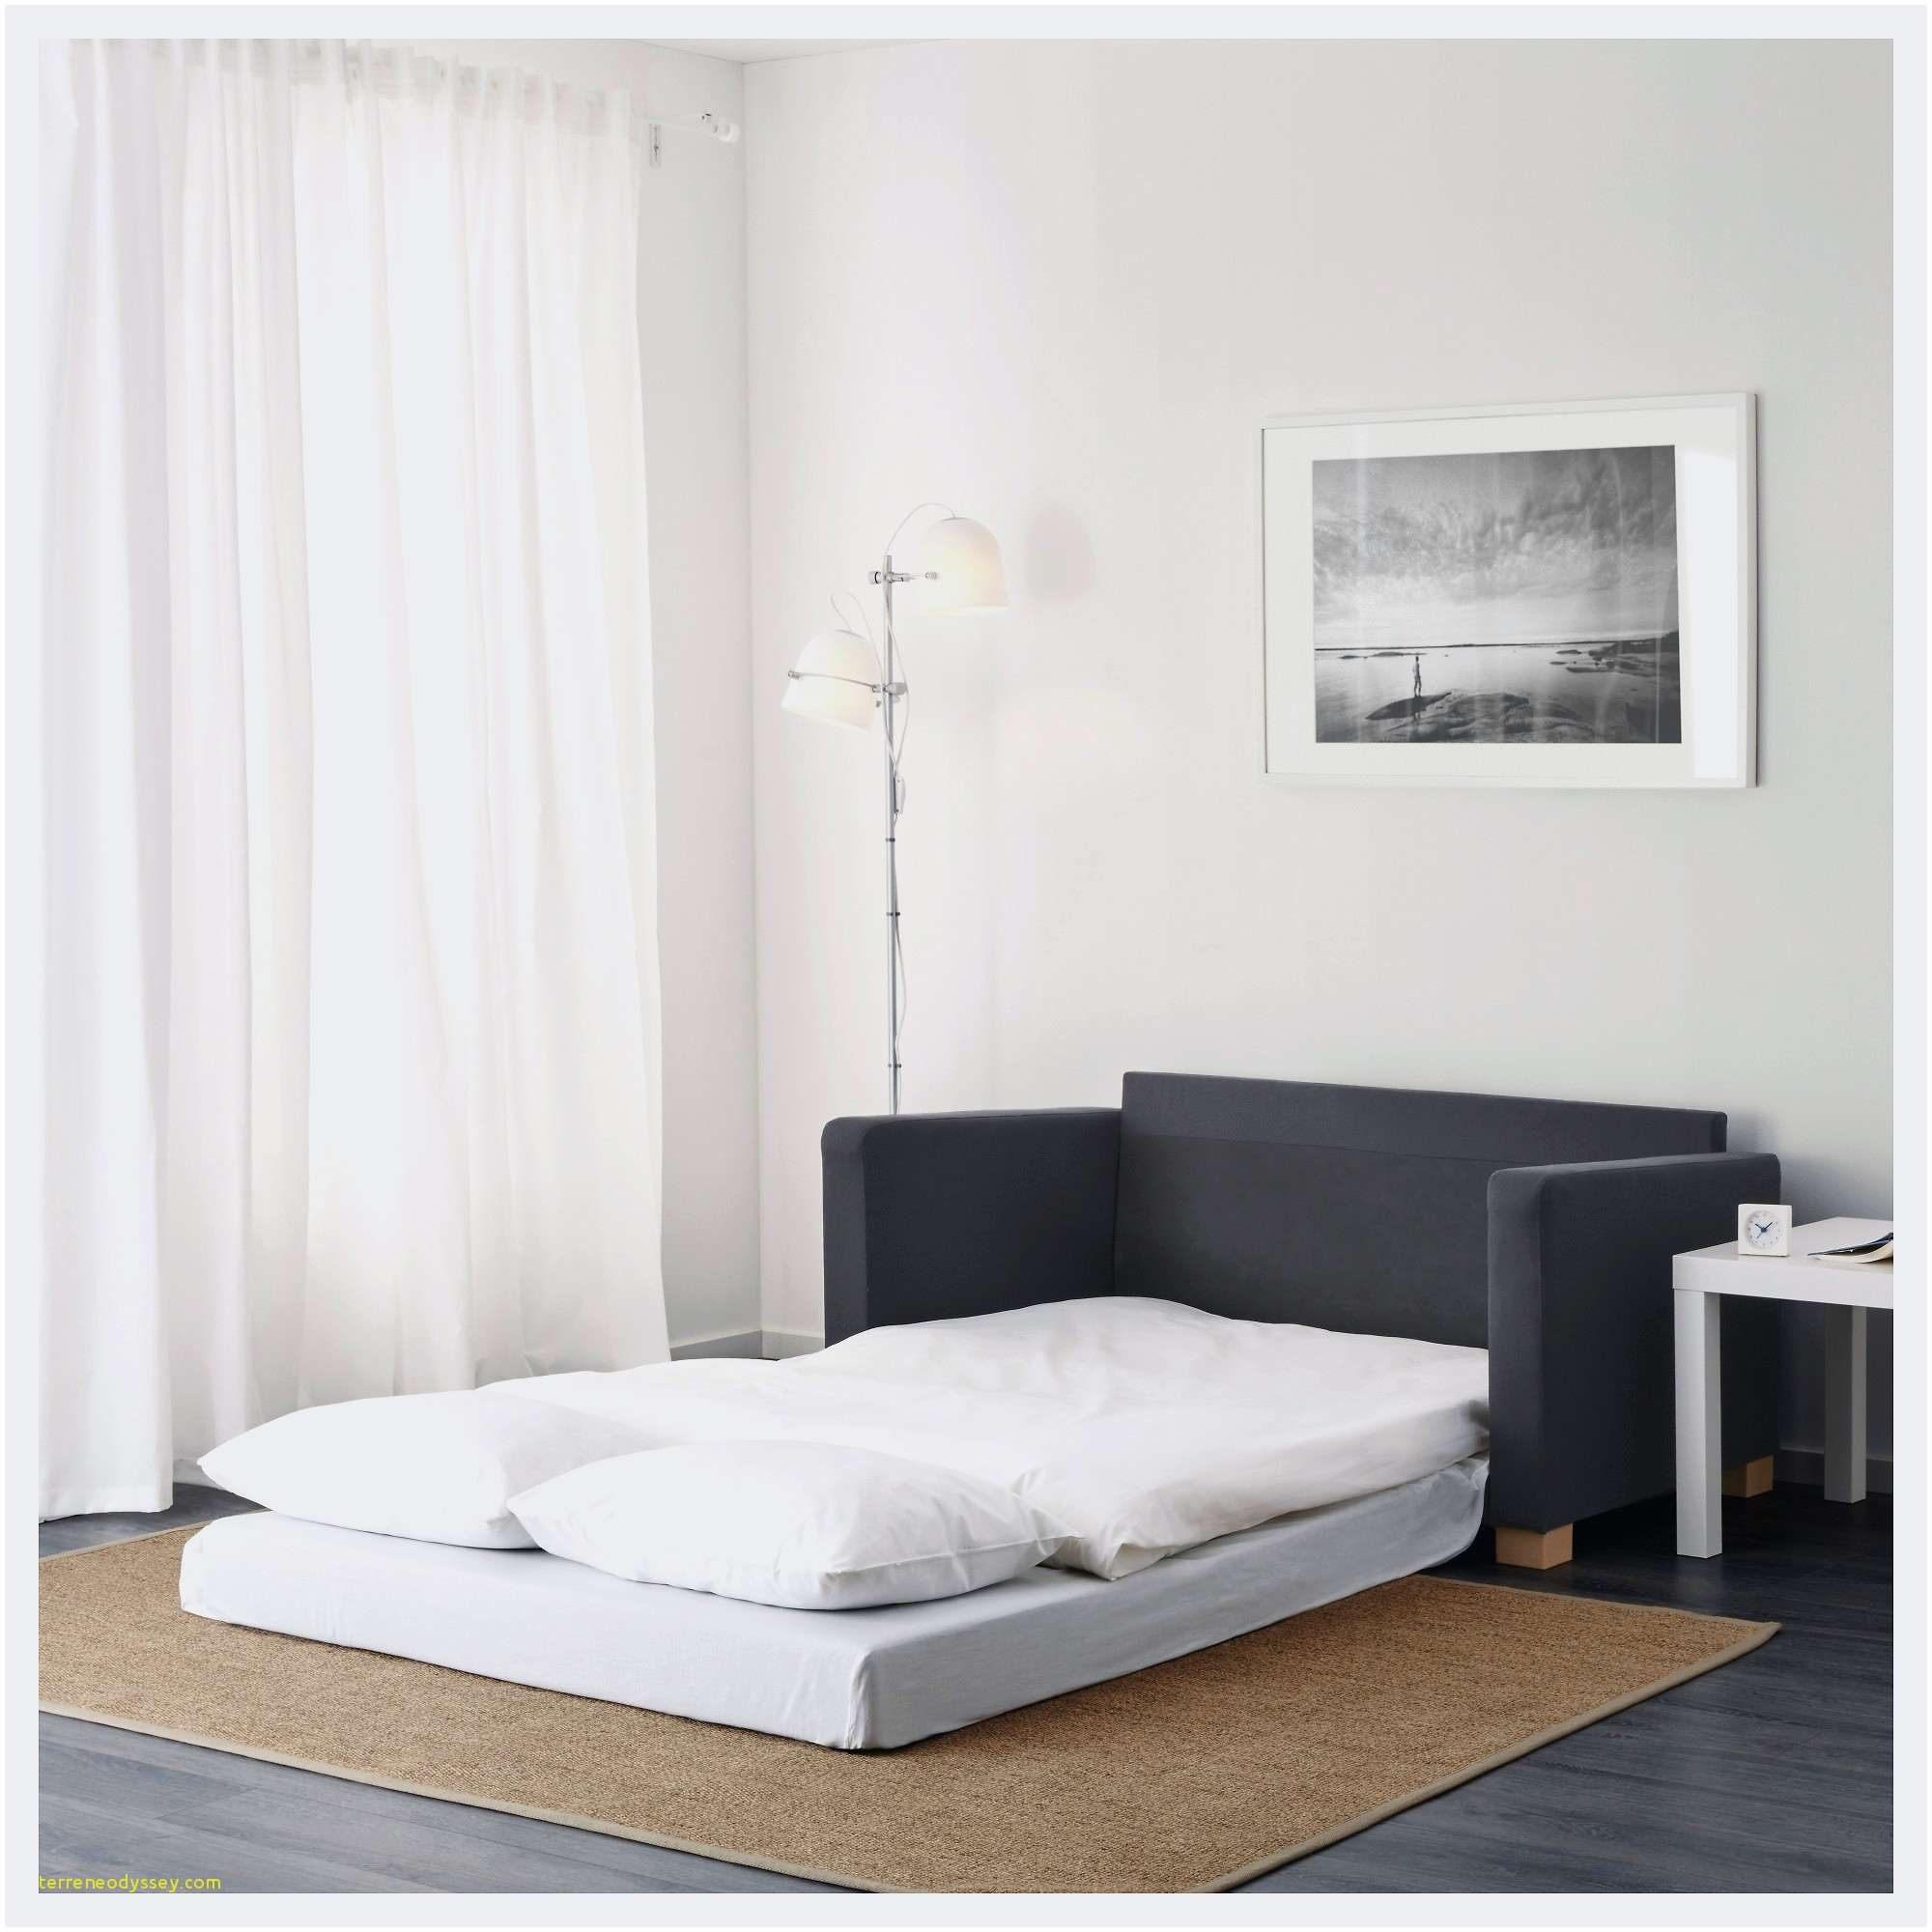 Lit Ikea 160 Unique Elégant Ikea Matelas 180—200 Unique Lit 160 X 200 Belle Bett Holz